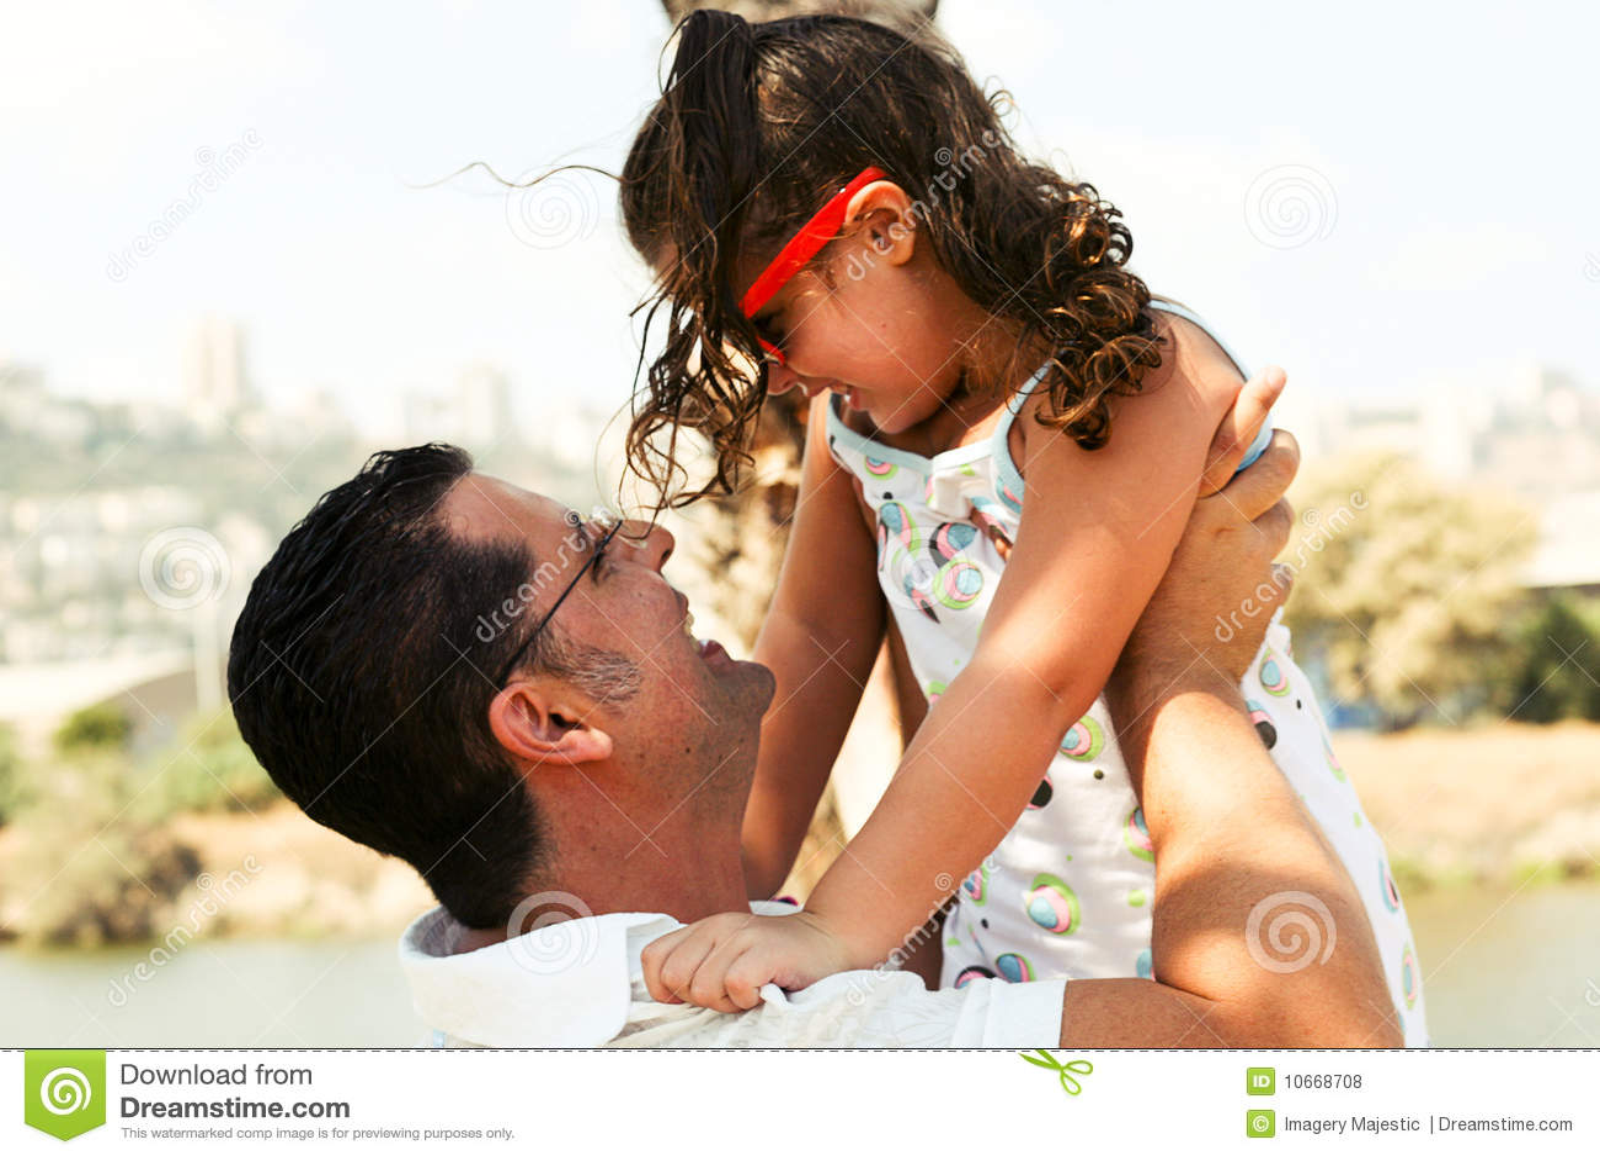 Фото секса пап с дочерьми, Секс папы с дочкой. Смотреть отец с дочкой порно фото 25 фотография